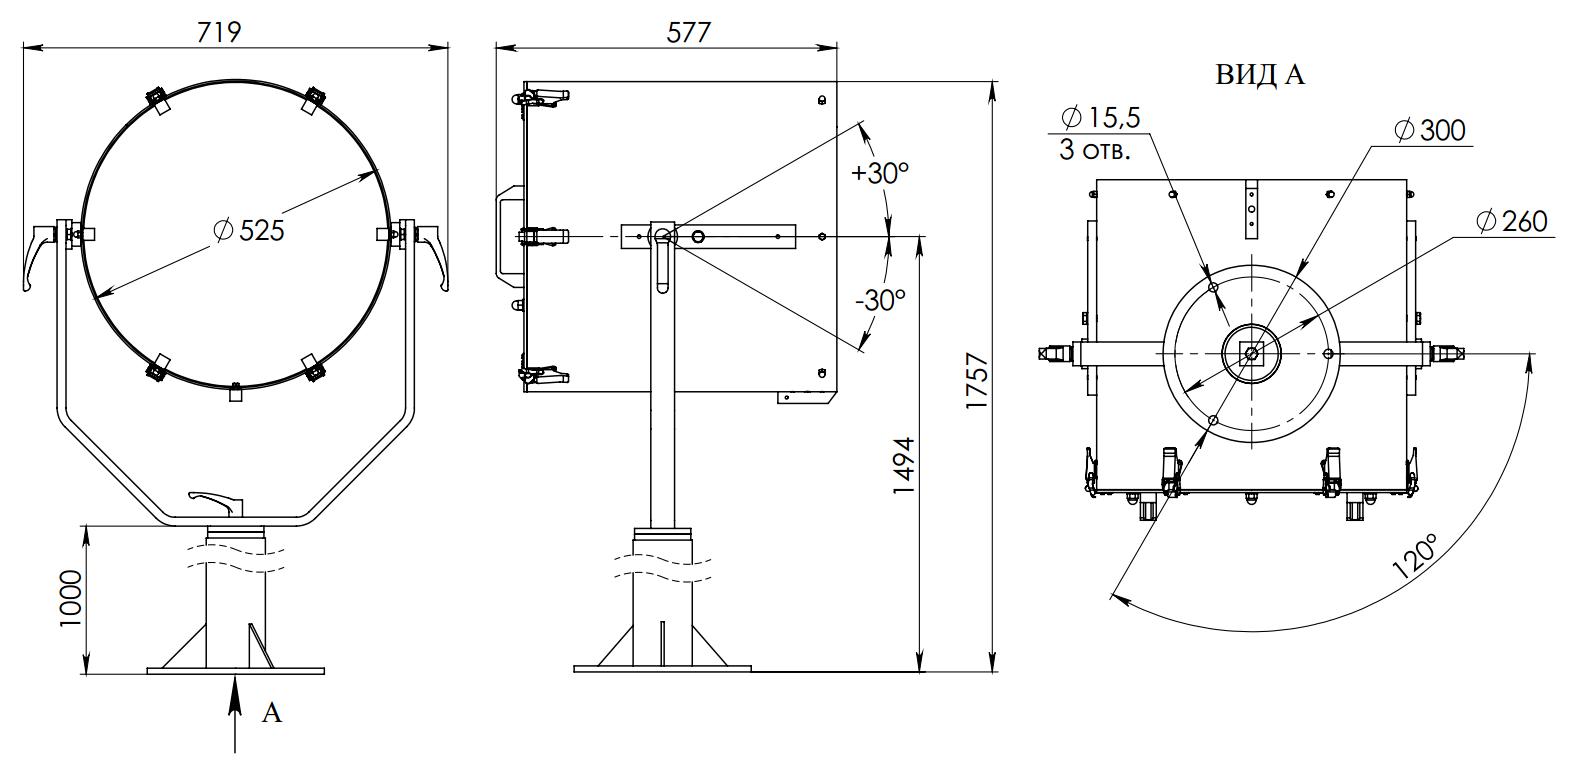 Прожектор на высокой стойке / ручное управление (DH/2)